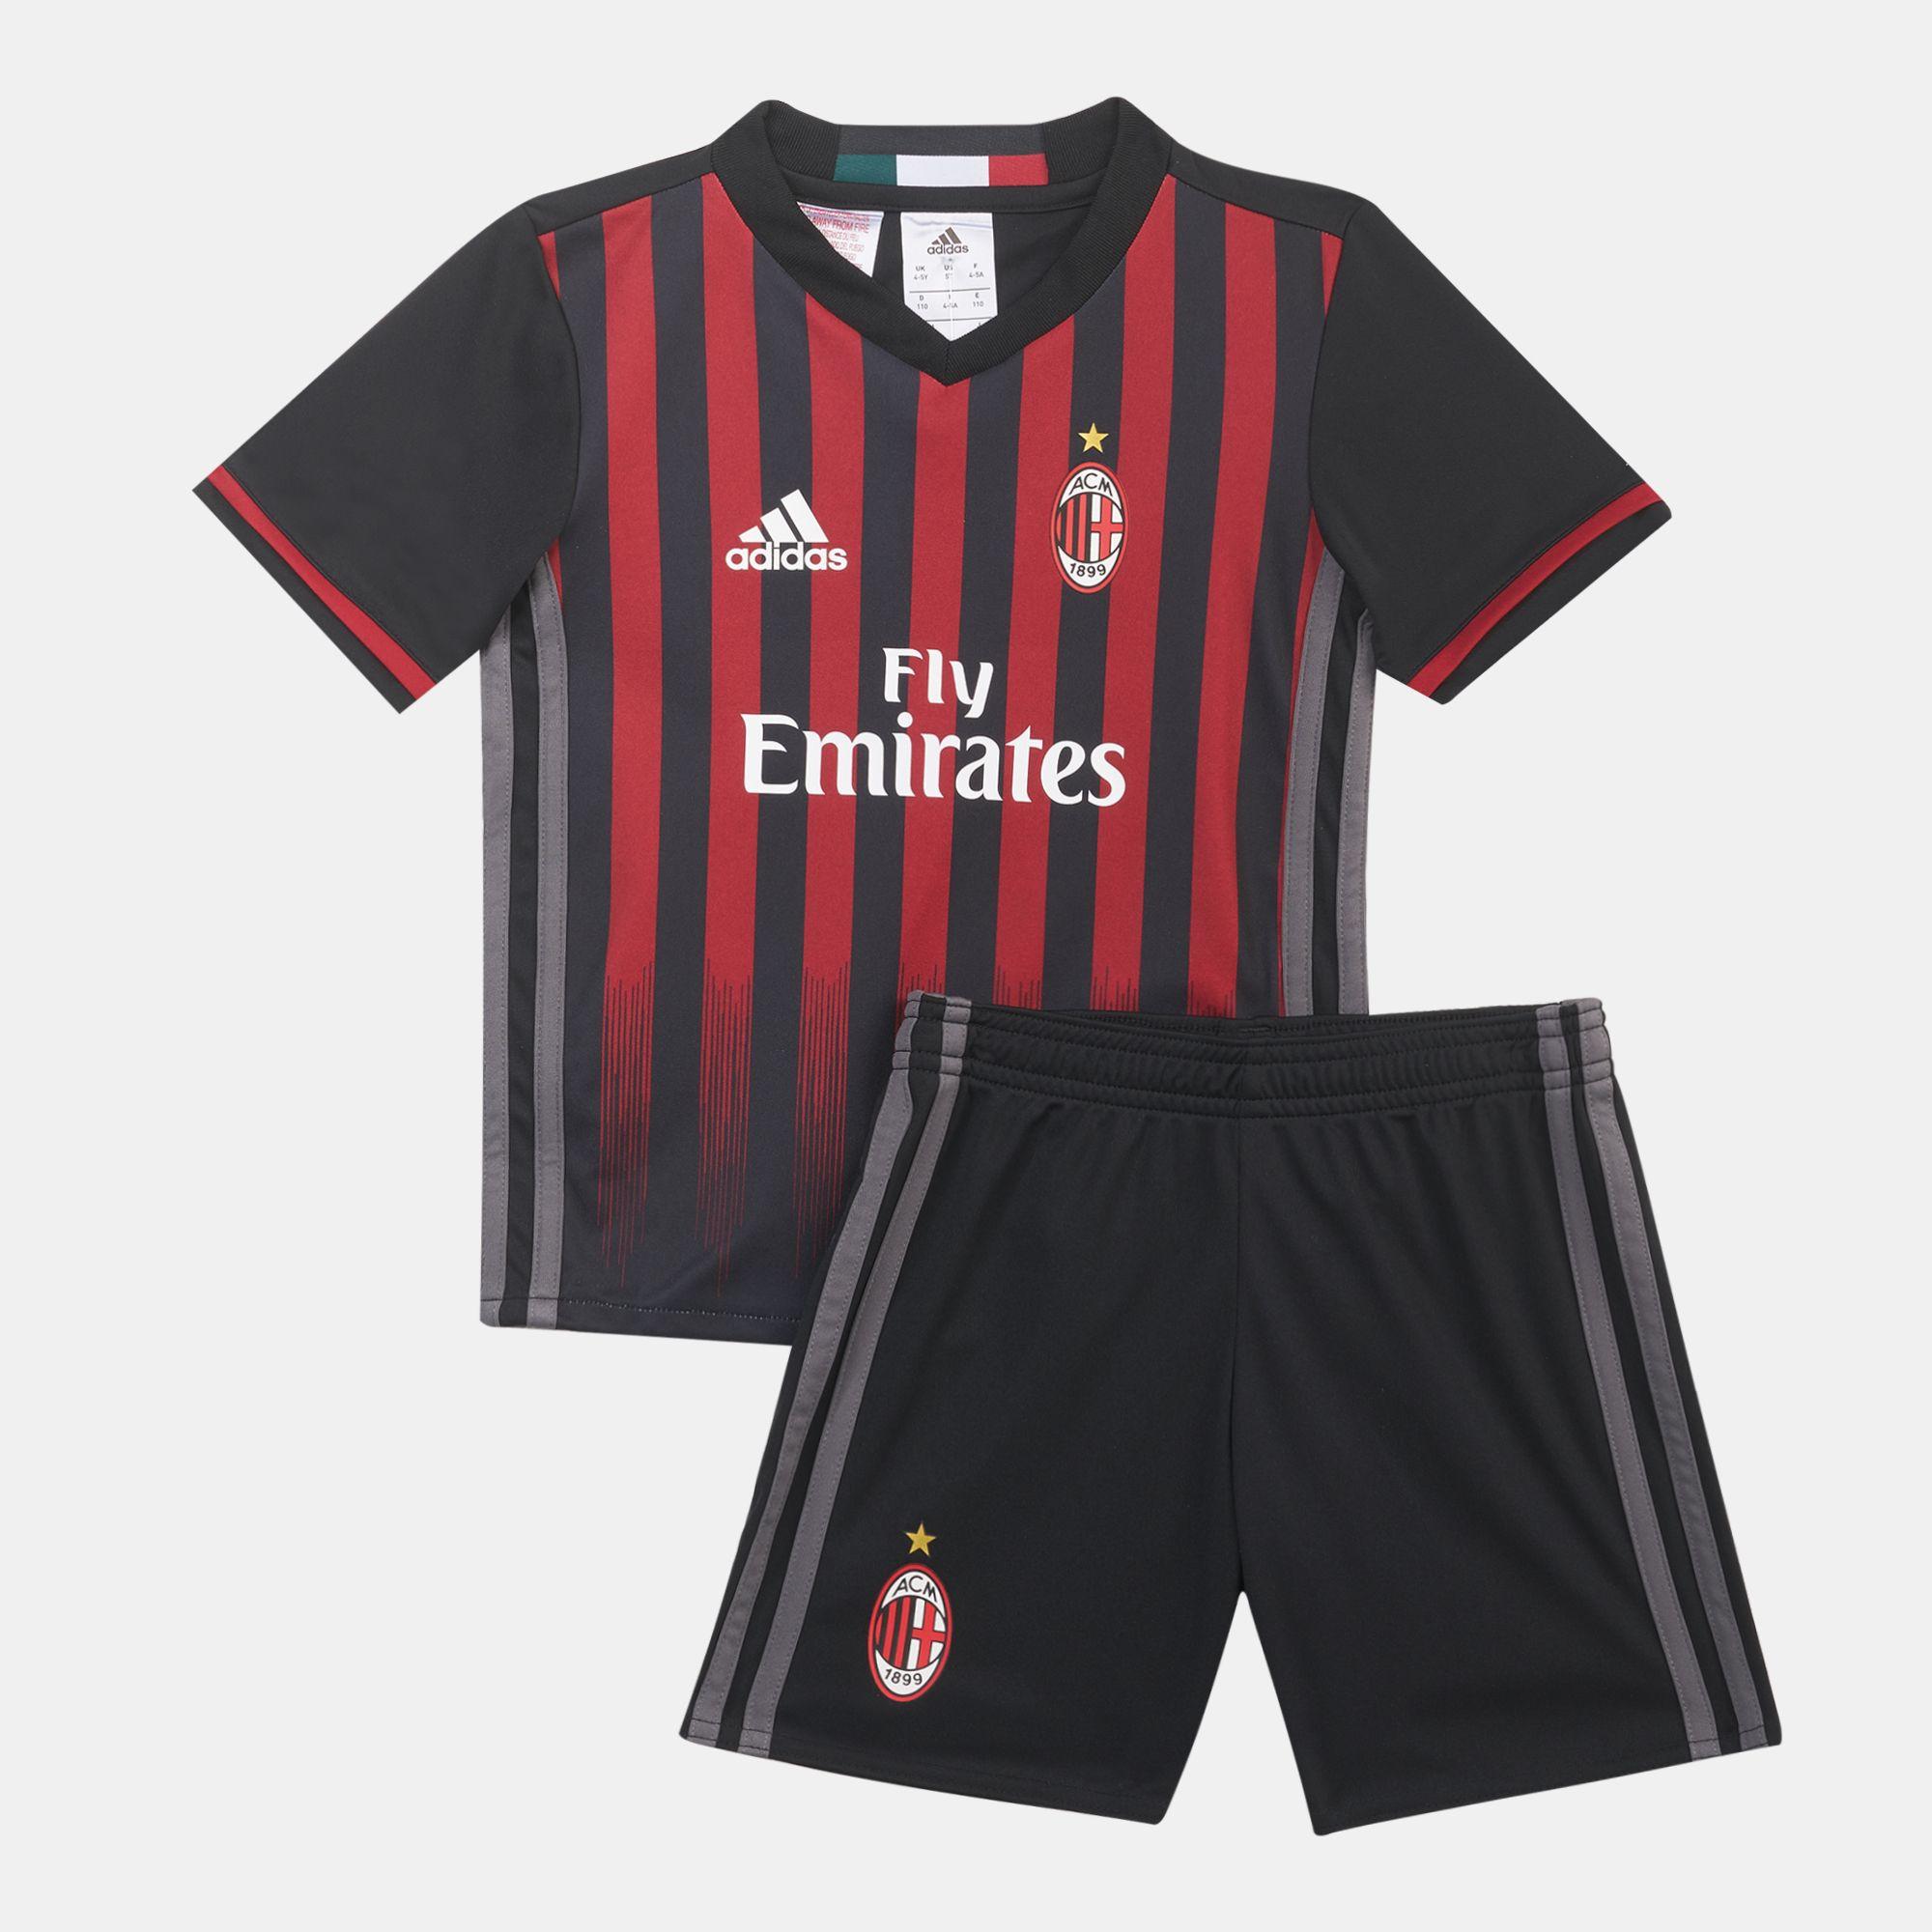 newest eaa7a a4e89 Shop Adidas Kids Ac Milan Home Mini Kit Adap Ai6898   Riyadh ...